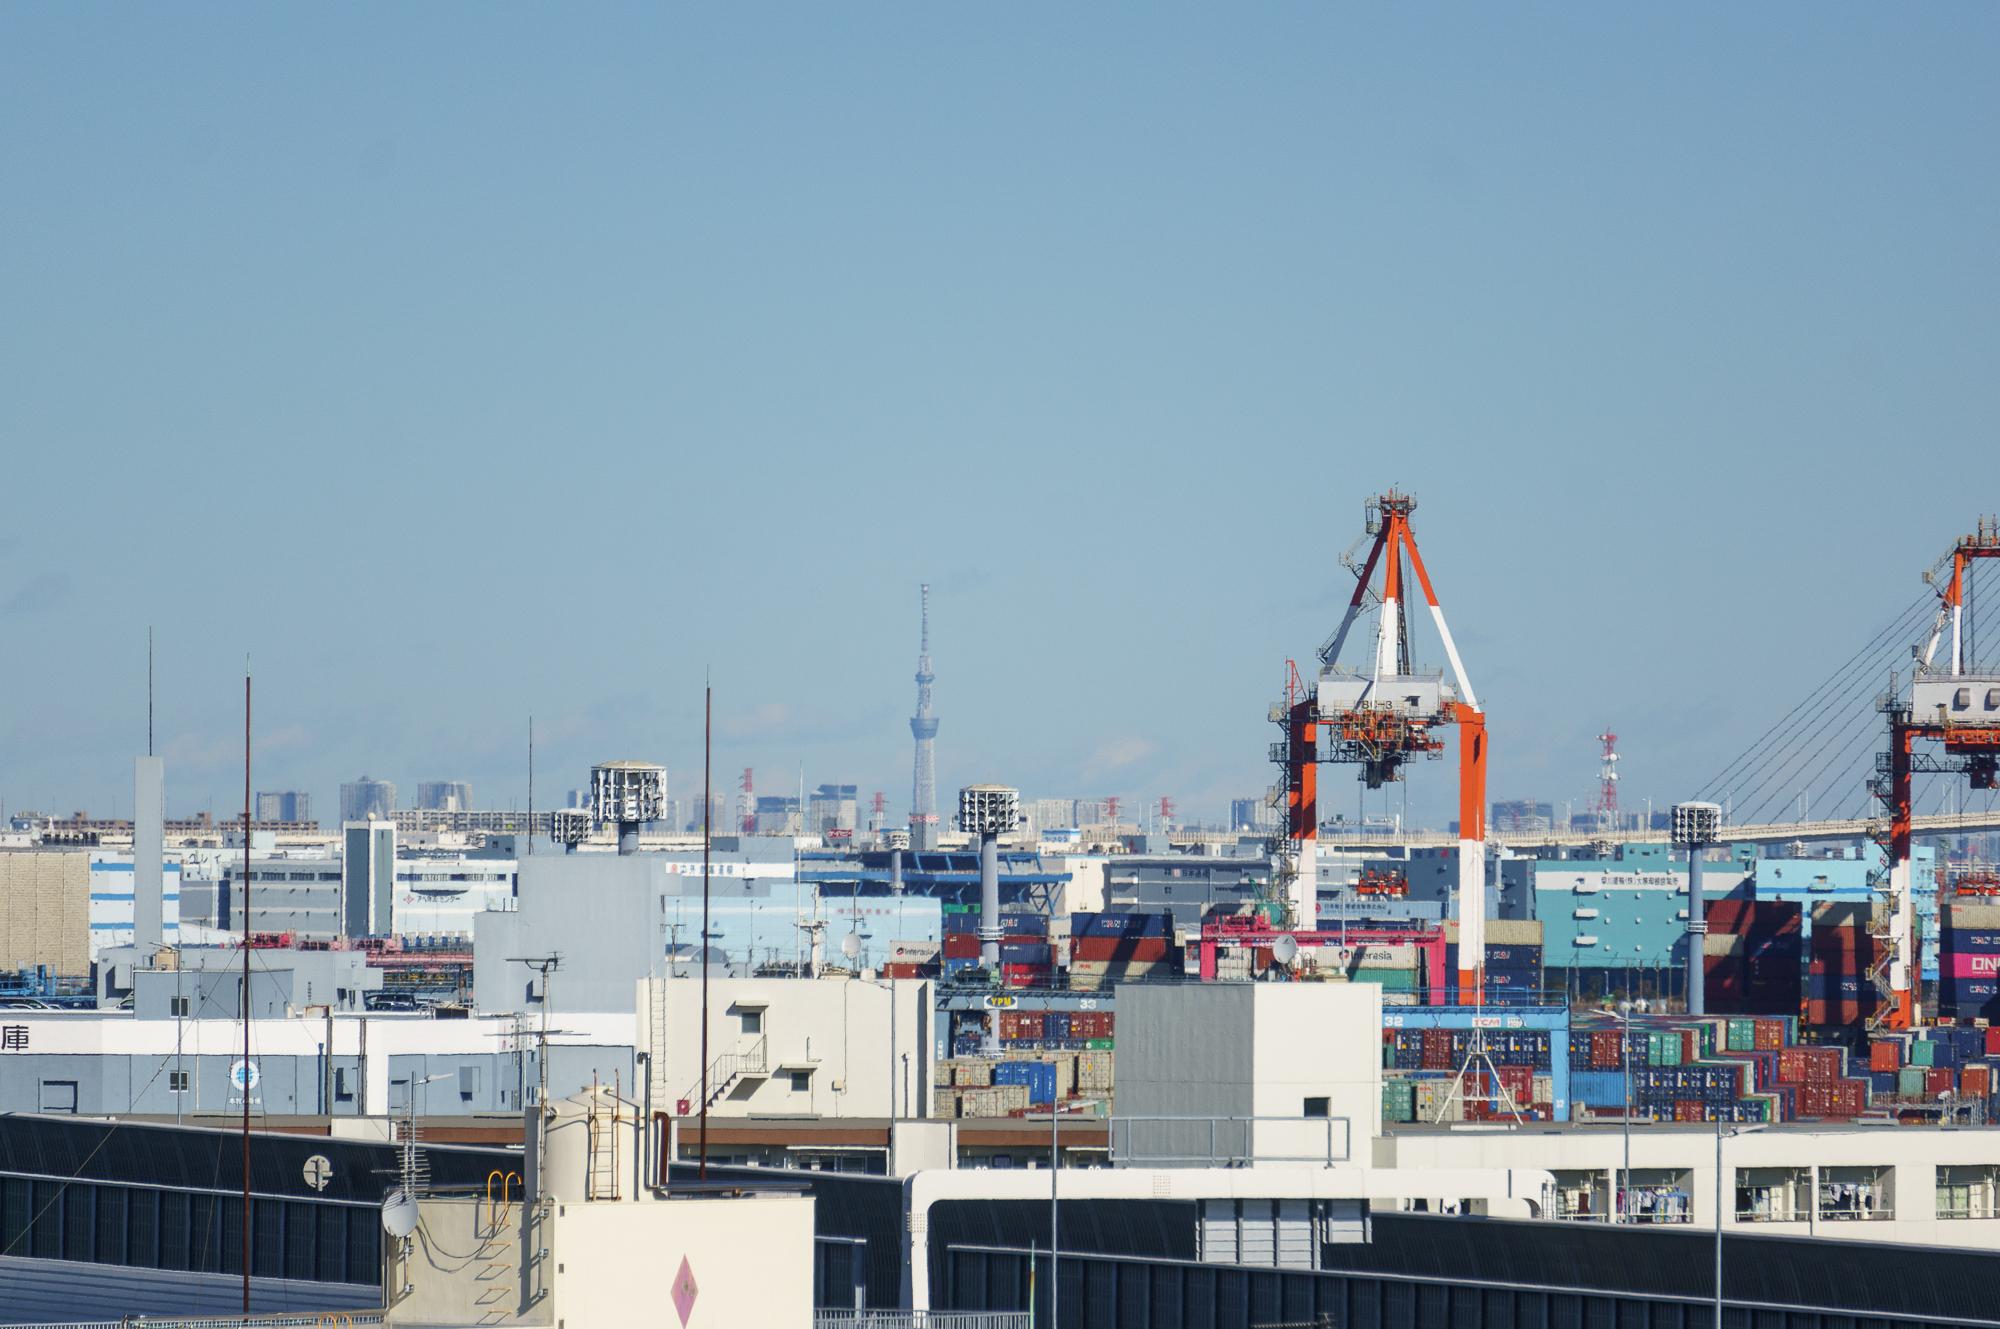 Tālumā redzams Tokyo Skytree. Pasaulē augstākais tornis un otra augstākā celtne aiz slavenā Dubajas torņa.